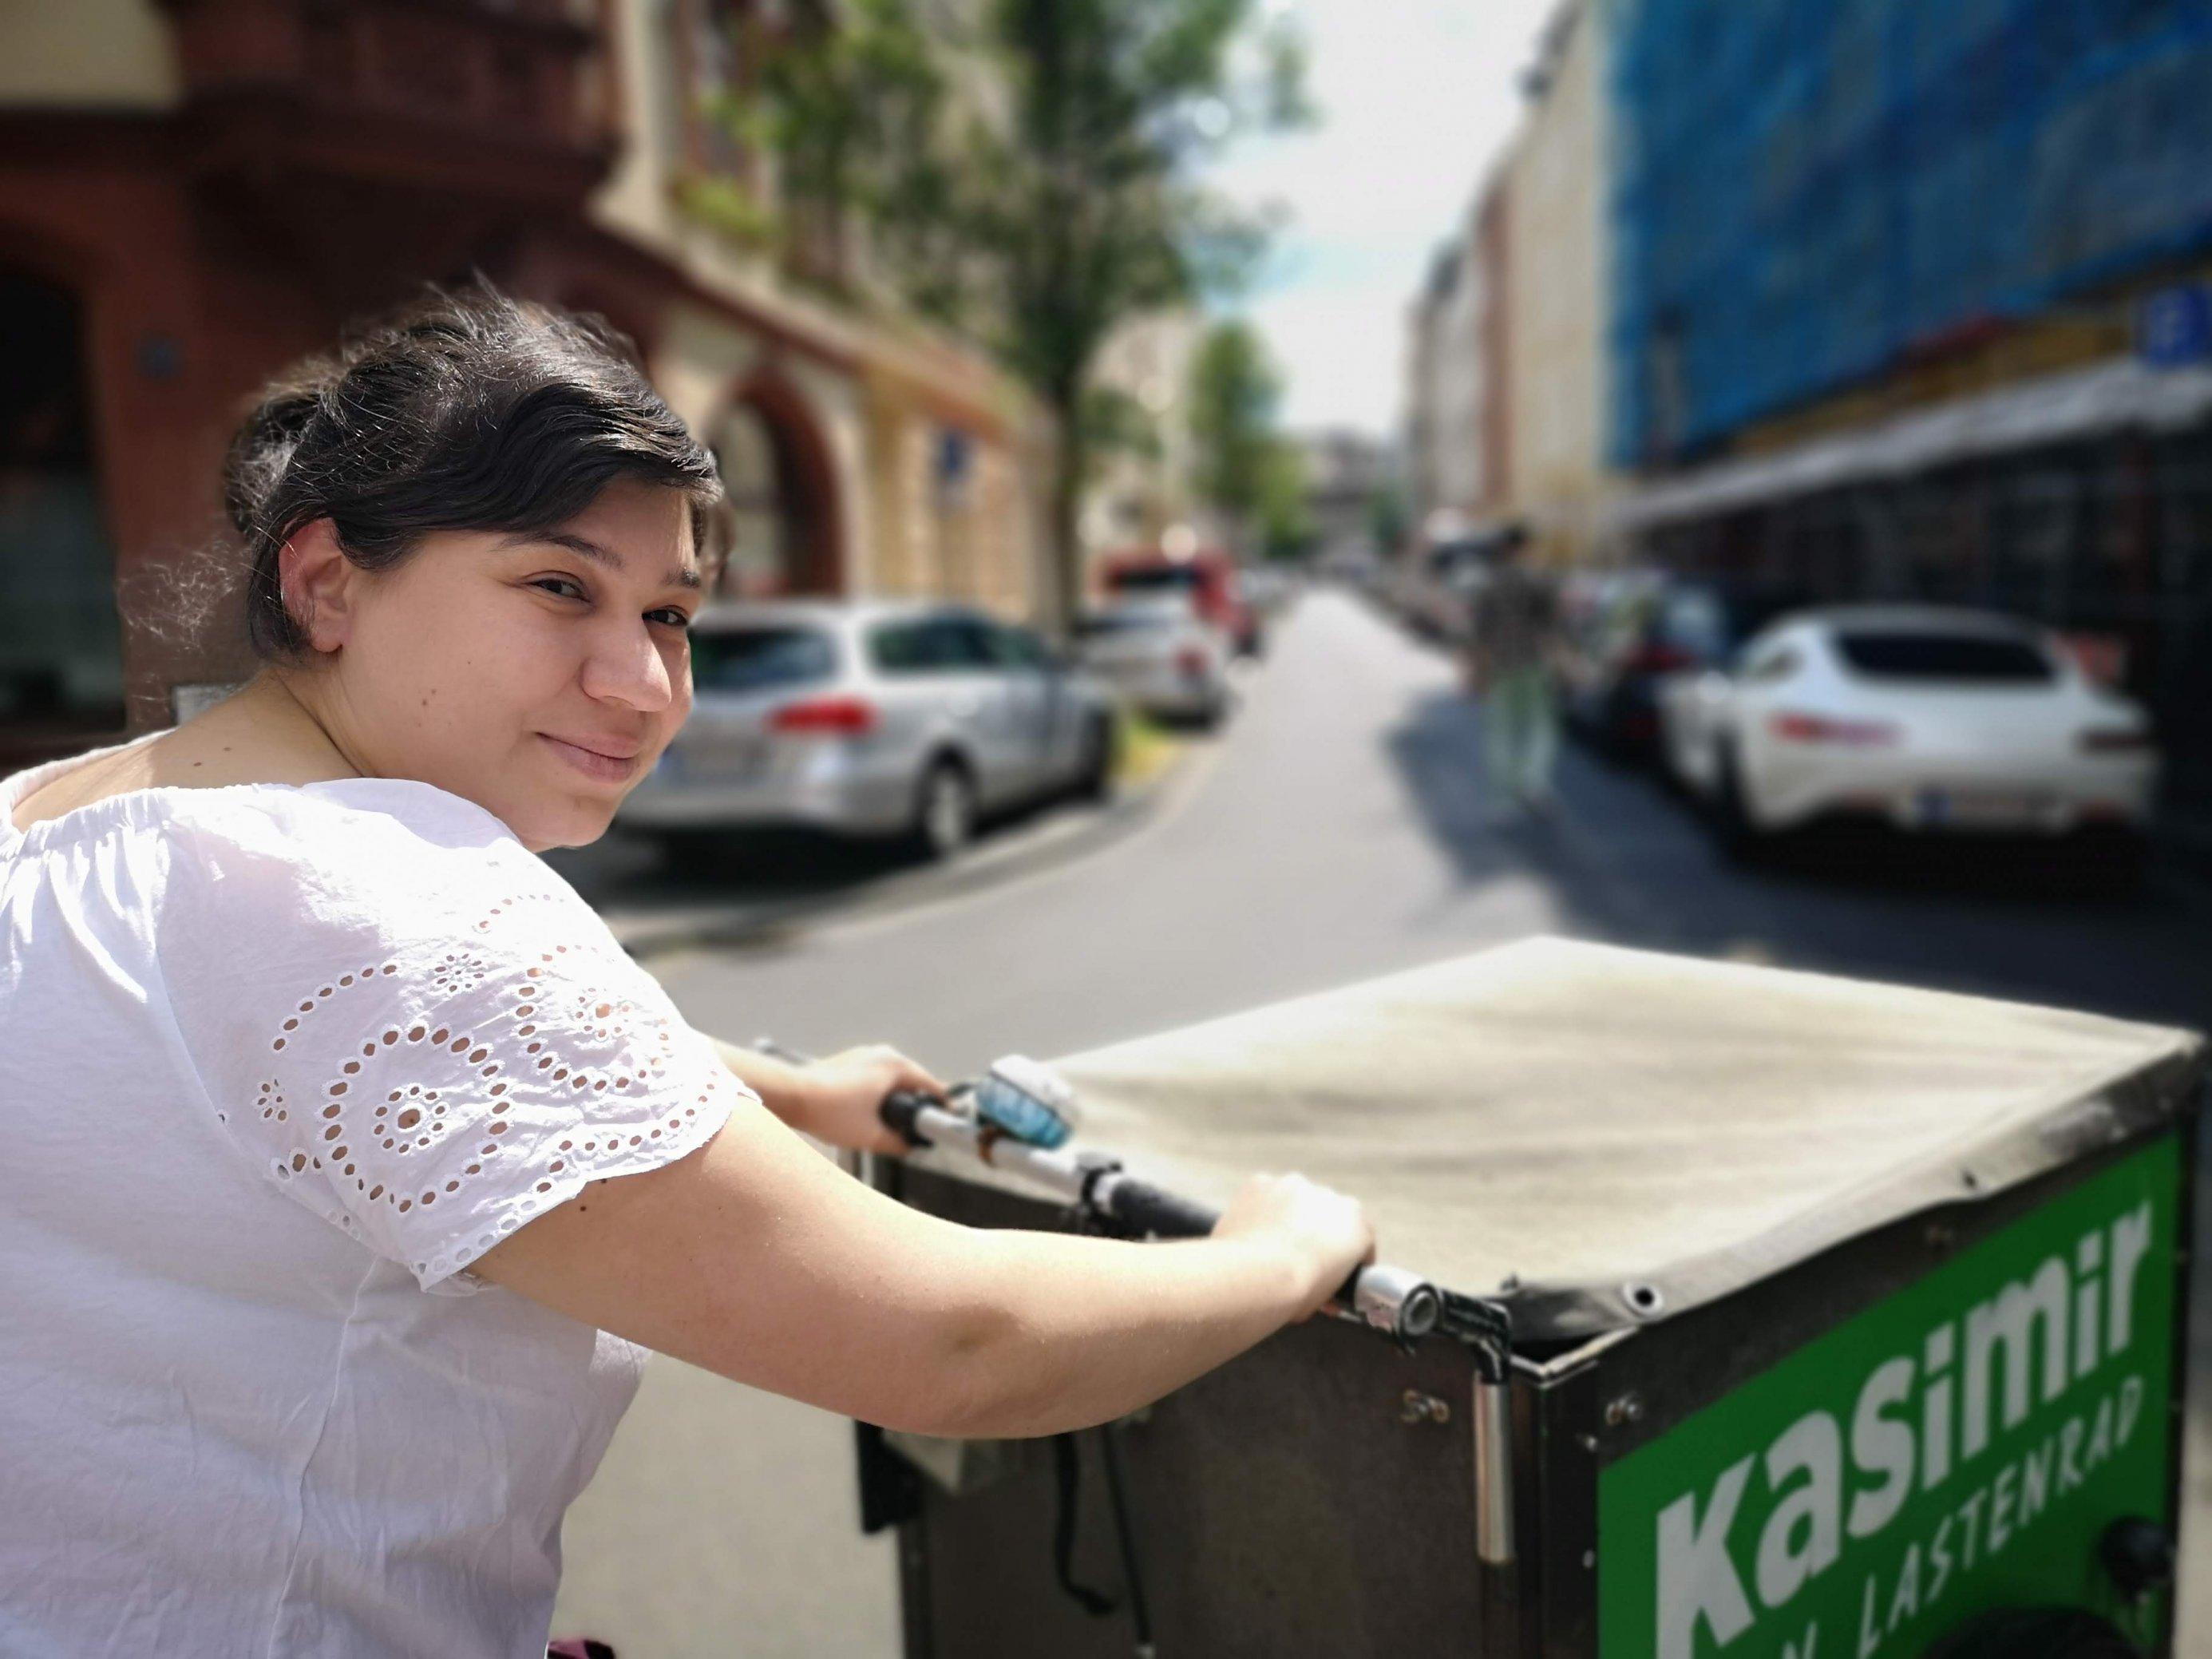 Fatma Erkus sitzt auf dem Lastenrad und blickt seitlich in die Kamera. Über ihre Schulter hinweg ist die große Box des Lastenrads von oben erkennbar. Sie wird mit einer Persenning gegen Regen geschützt